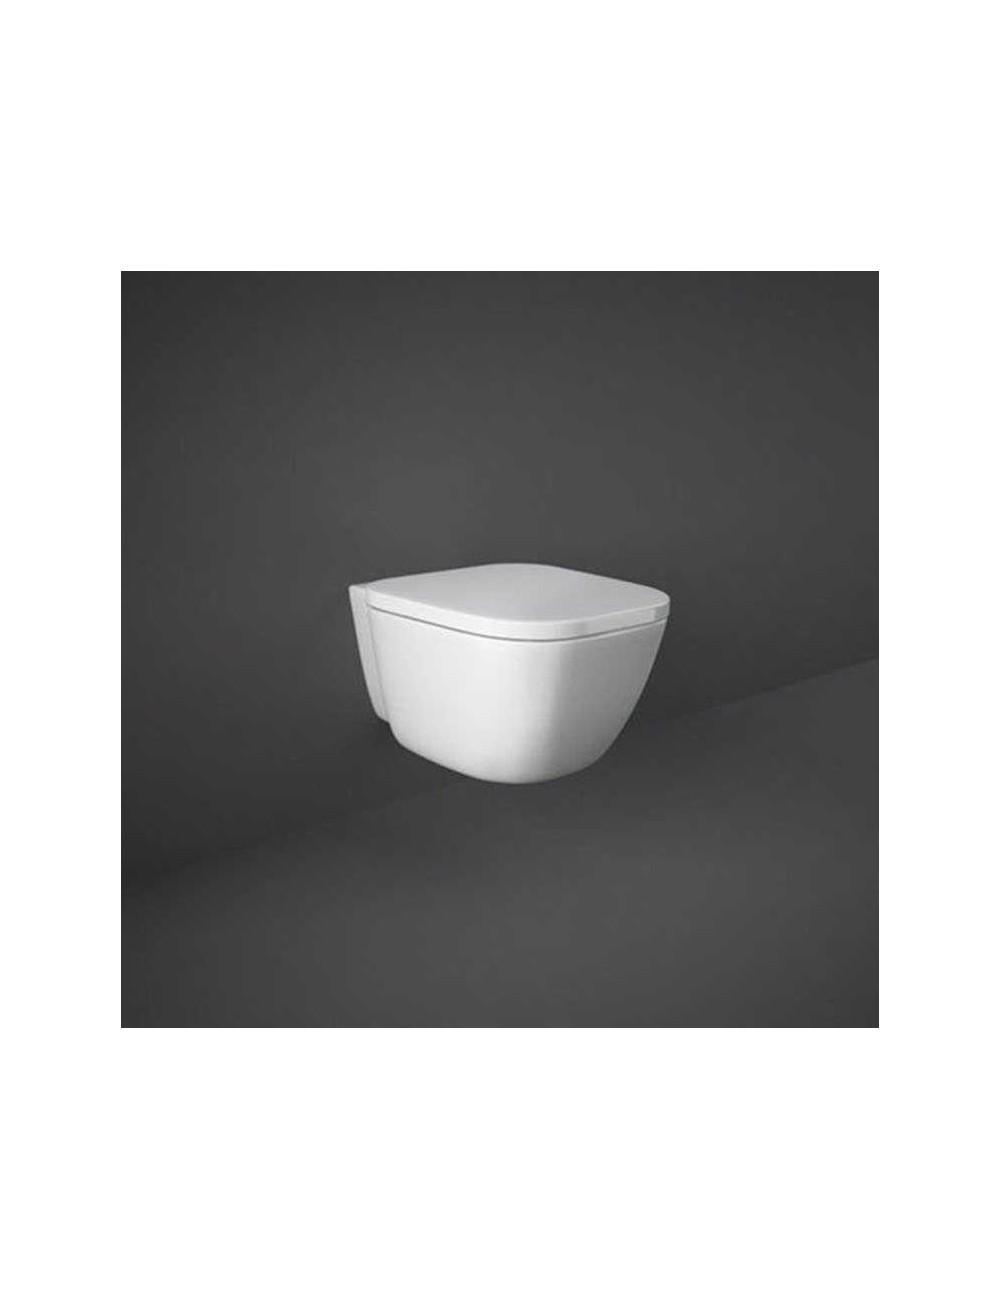 WC sospeso con sistema rimless linea One Rak Ceramics